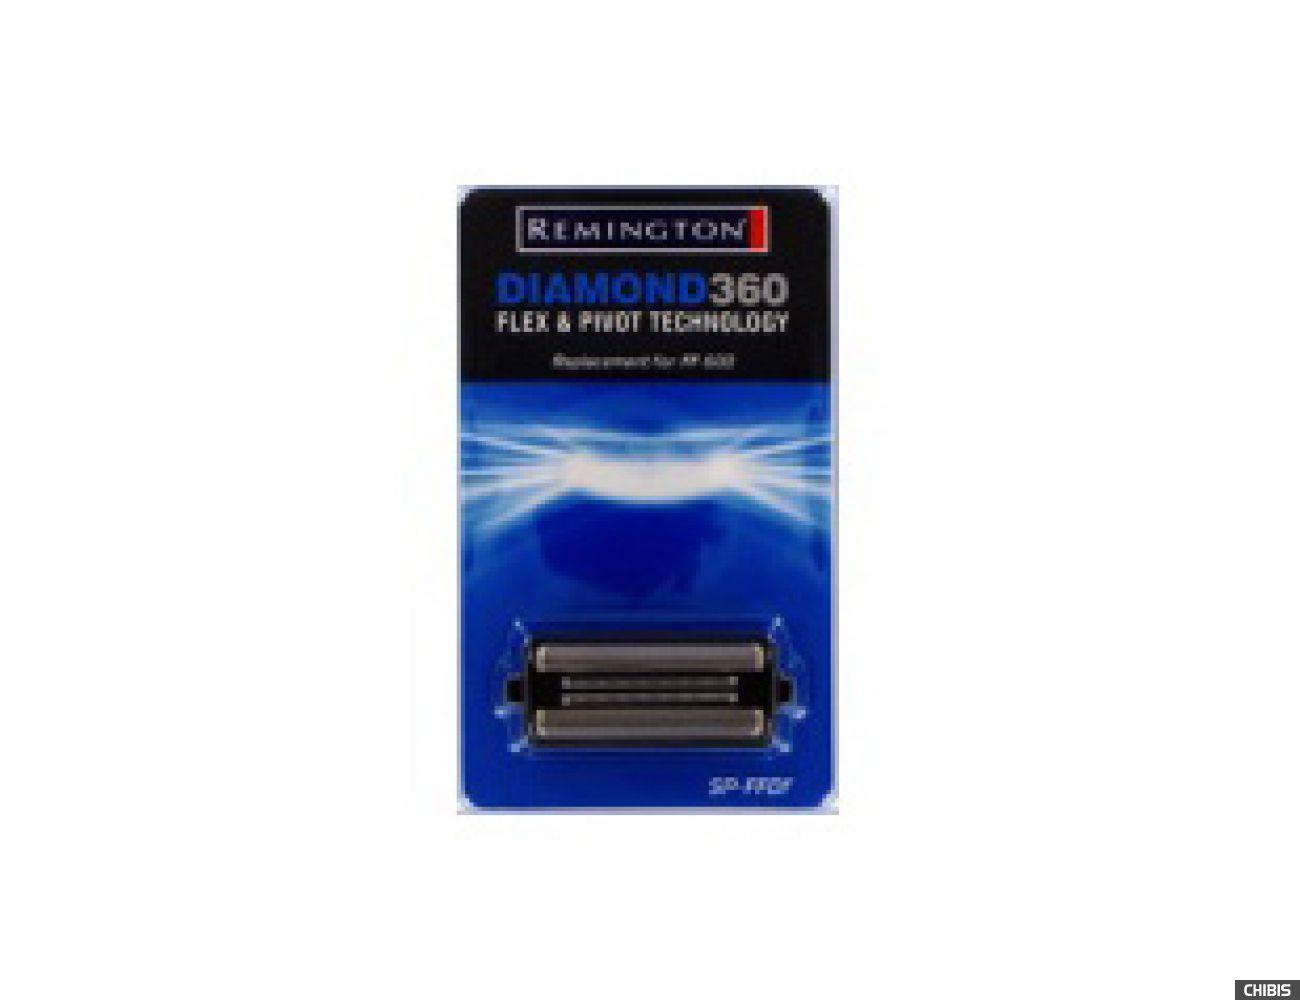 Сетка Remington SPFFDf Diamond 360 (44085530400) для FF-600